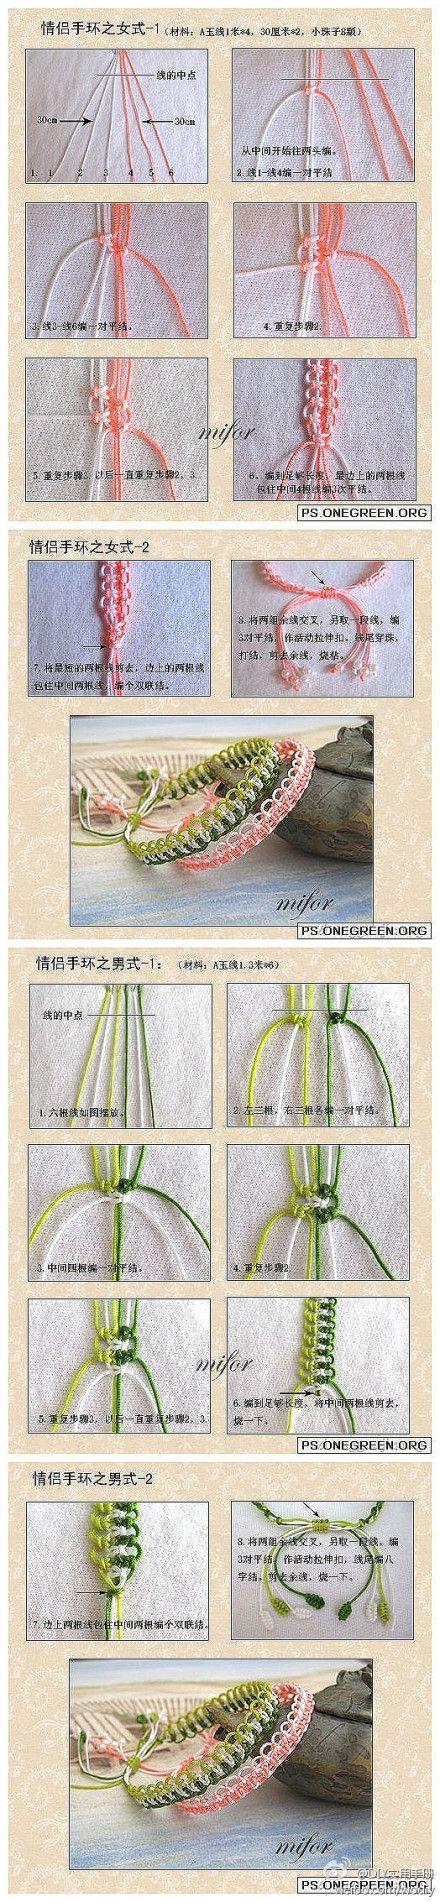 情侣手链 Good picture tutorial for those of us that don't read Chinese/Japanese